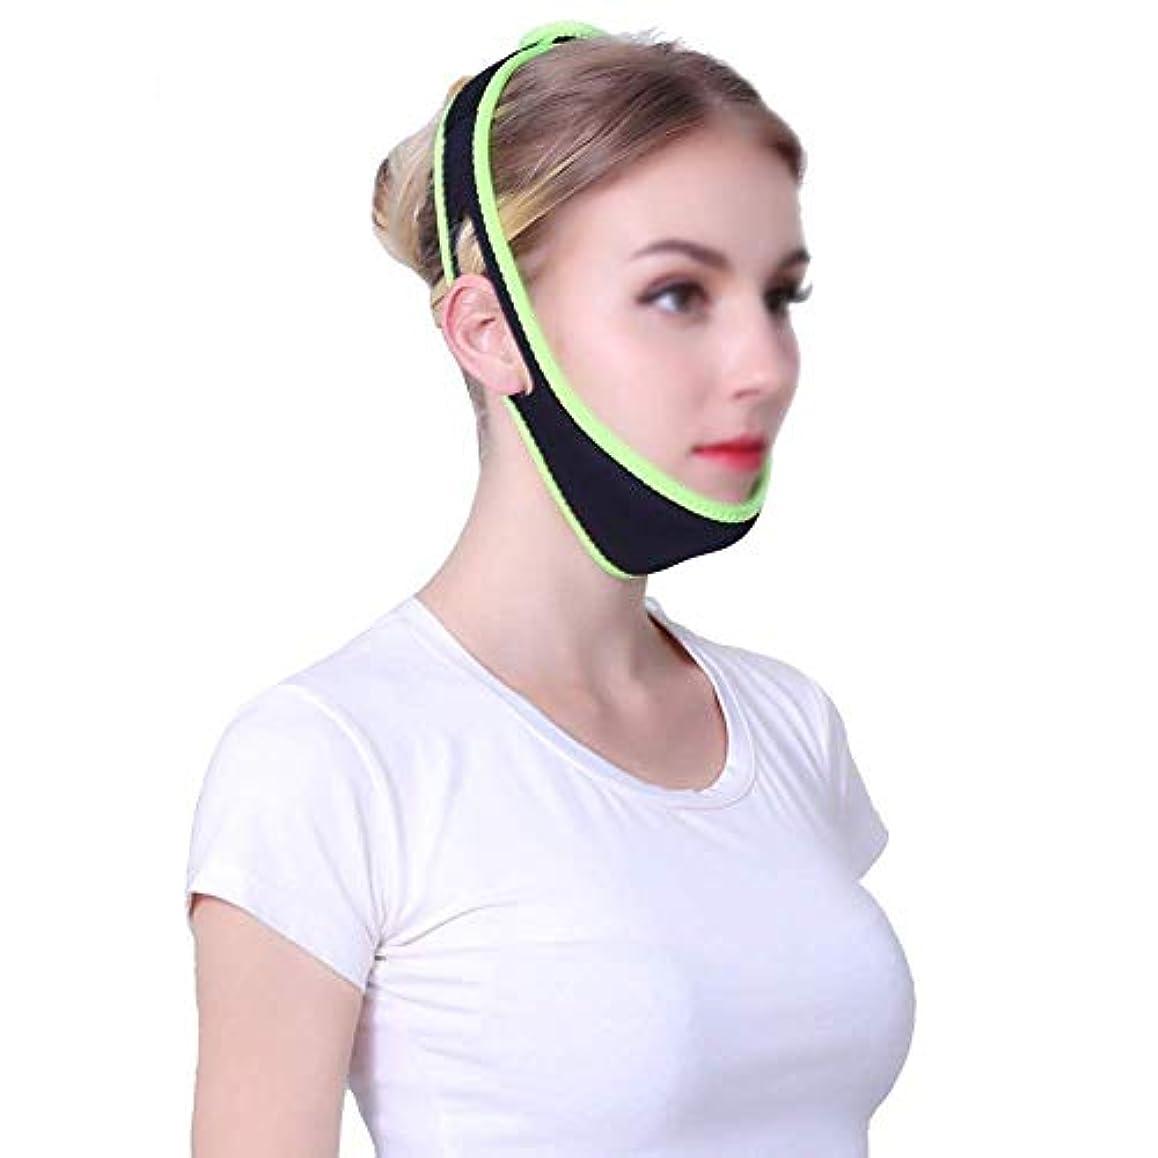 嫉妬シャッター損なう引き締めフェイスマスク、小さなVフェイスアーティファクト睡眠リフティングマスク付き薄型フェイスバンデージマスク引き締めクリームフェイスリフトフェイスメロンフェイス楽器